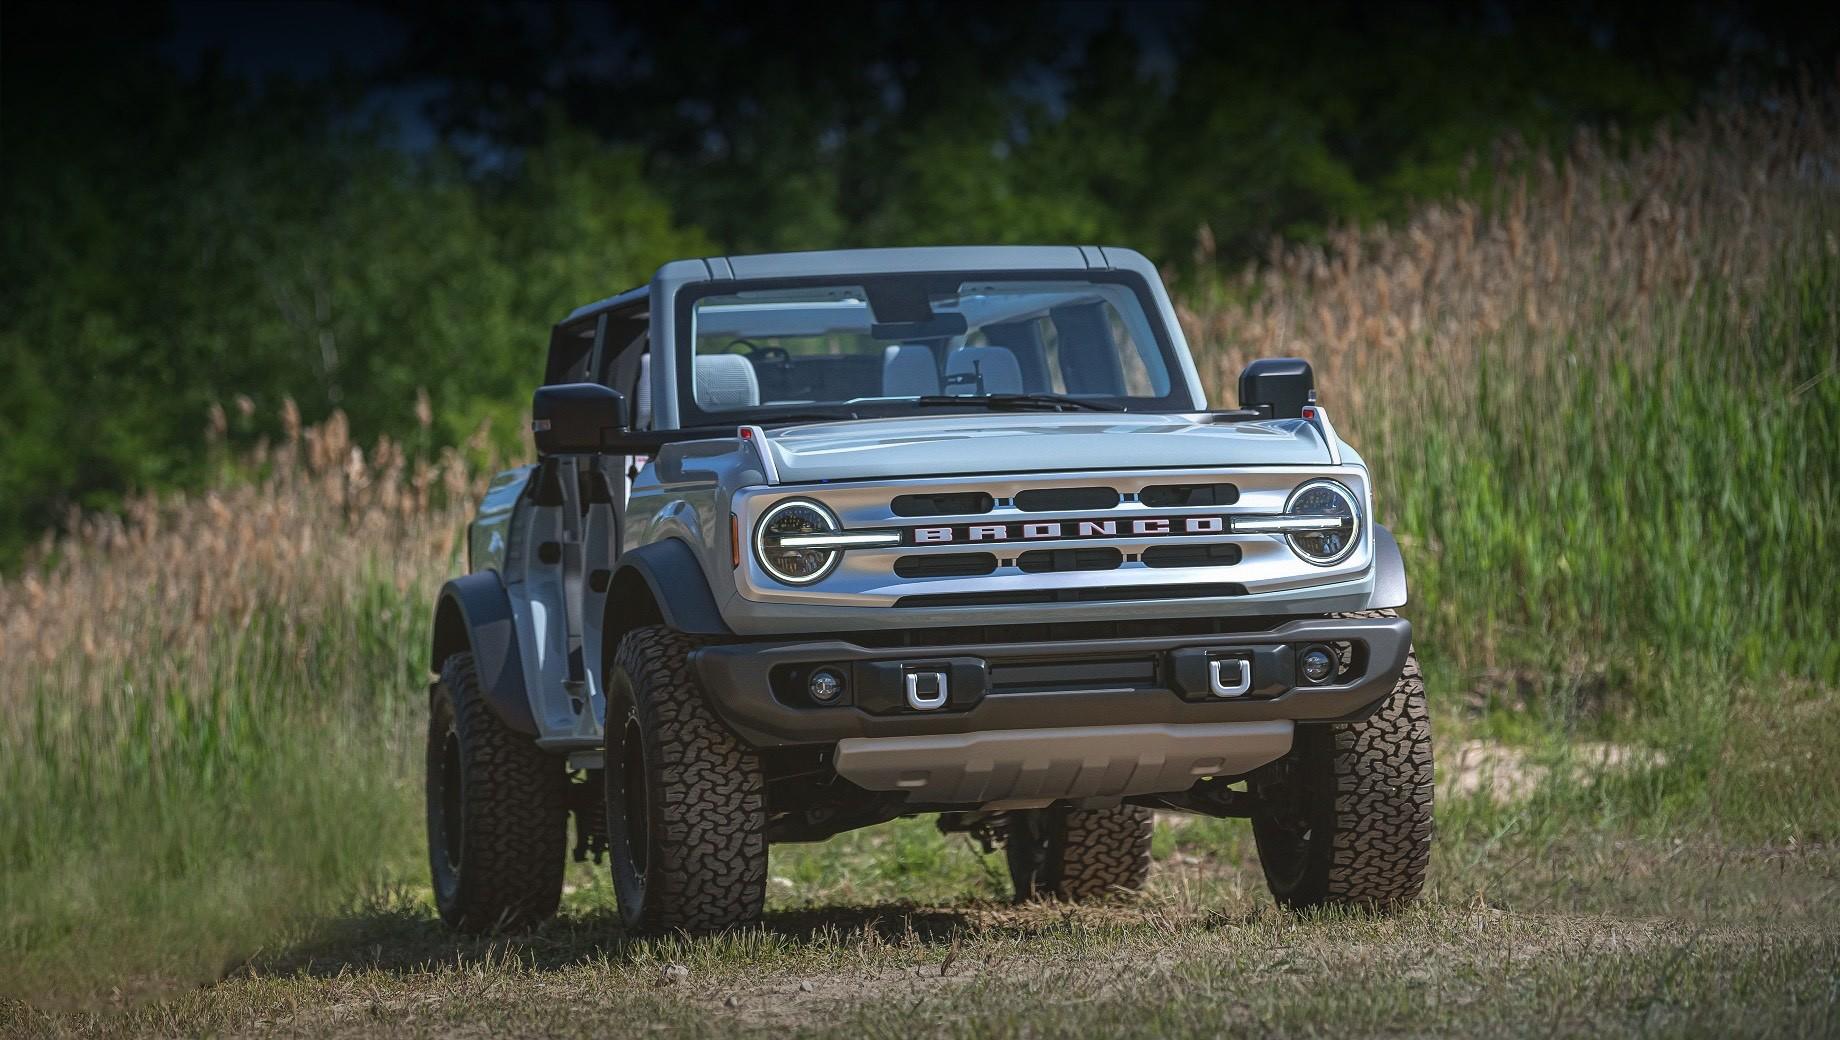 Ford bronco. Впервые в своей истории Bronco получил на выбор как кузов с двумя боковыми дверцами (такой у него был всегда), так и с четырьмя. Модель располагает быстросъёмными секциями крыши и дверями.